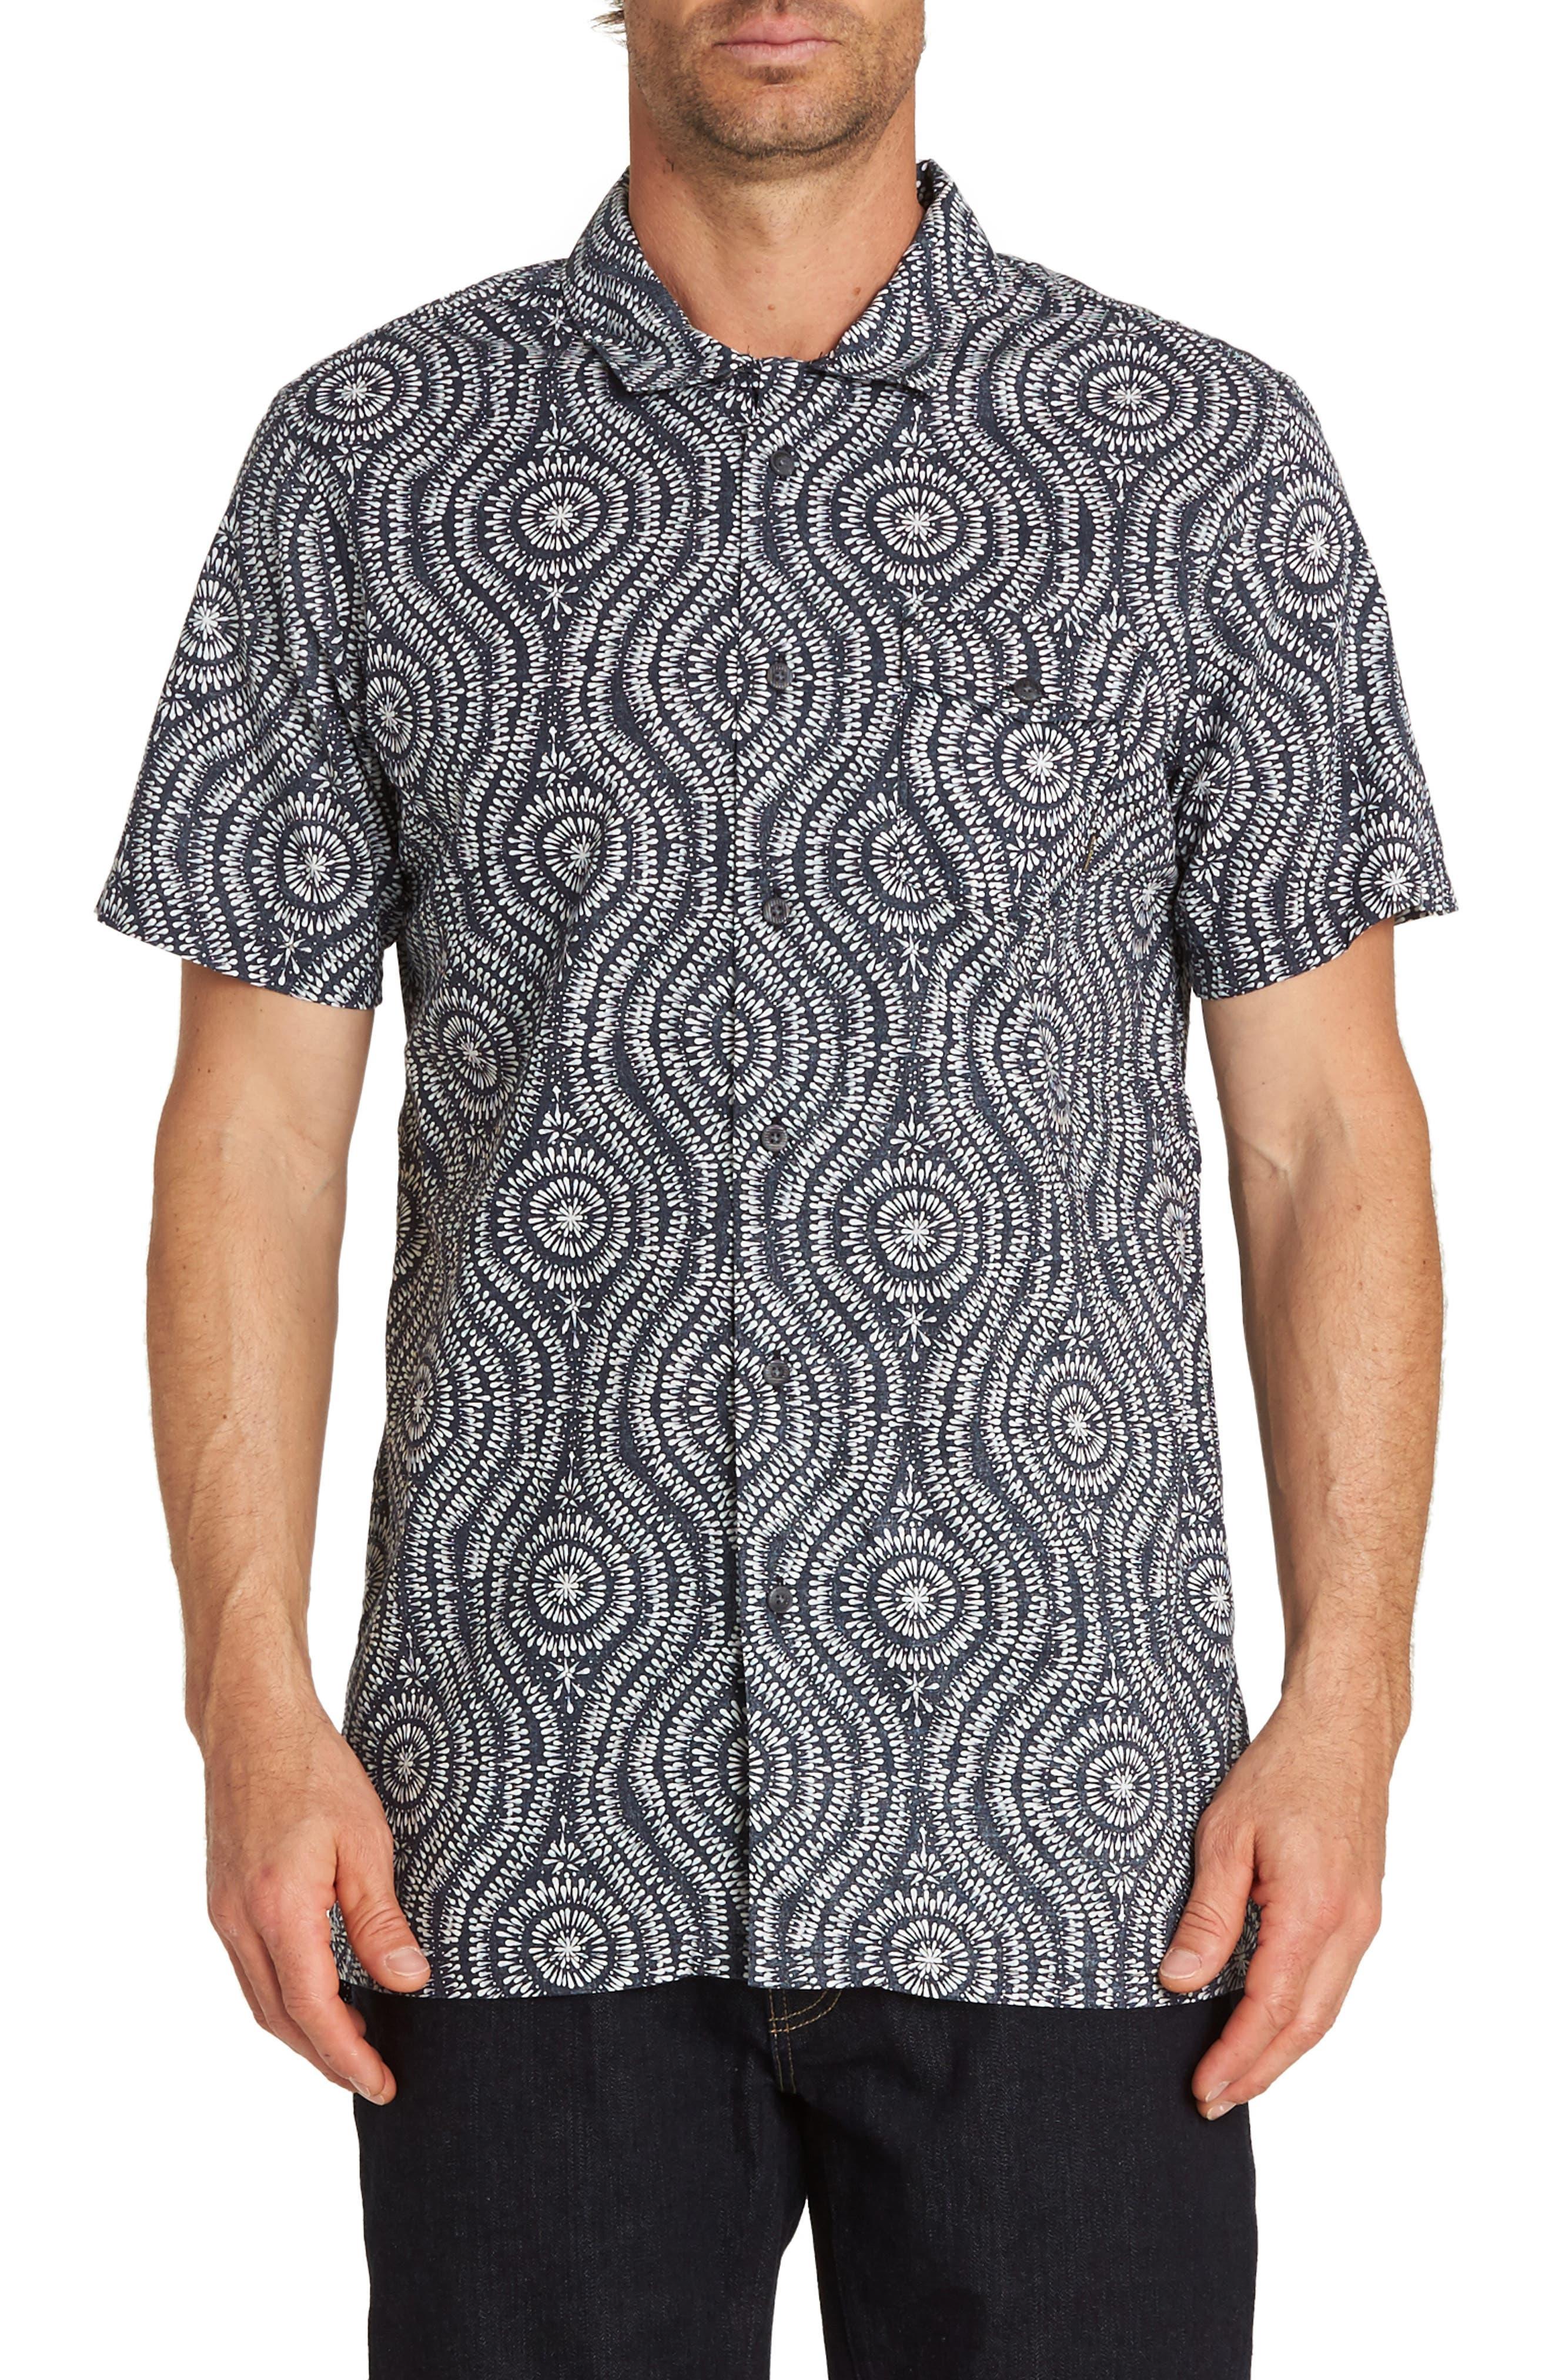 Cosmic Patterned Camp Shirt,                             Main thumbnail 1, color,                             INDIGO